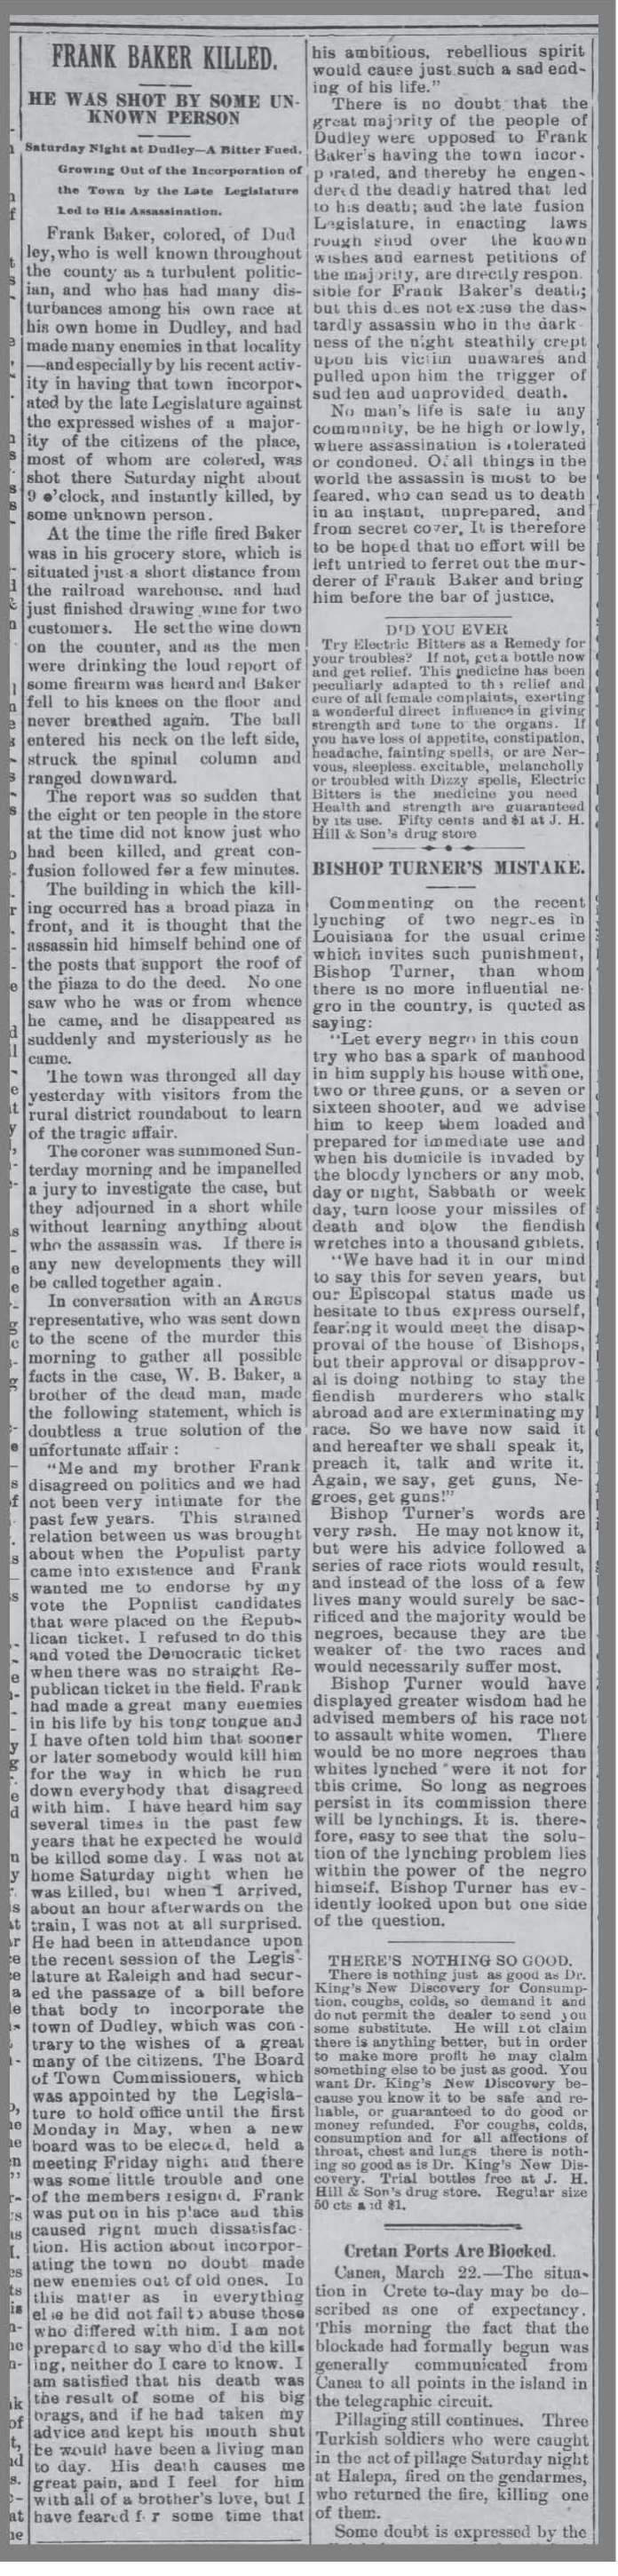 Gboro_Weekly_Argus_3_25_1897_Frank_Baker